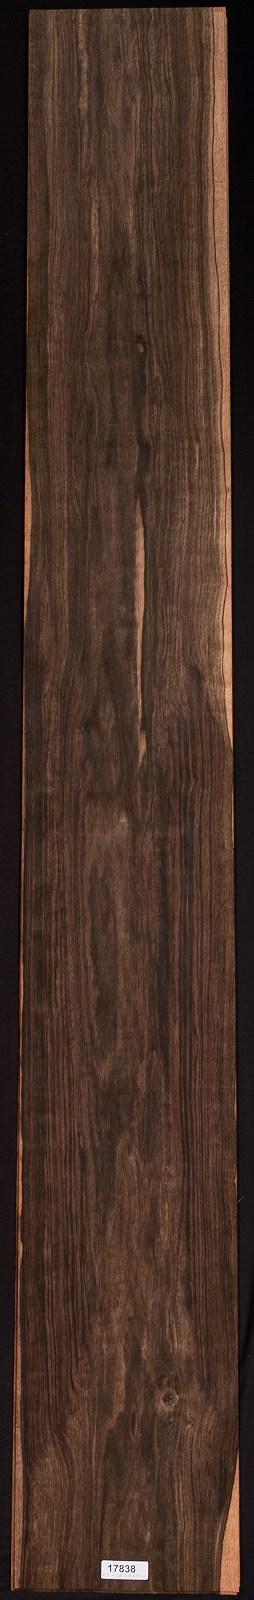 AAA Flat Cut Ebony (Macassar) Veneer Sheet